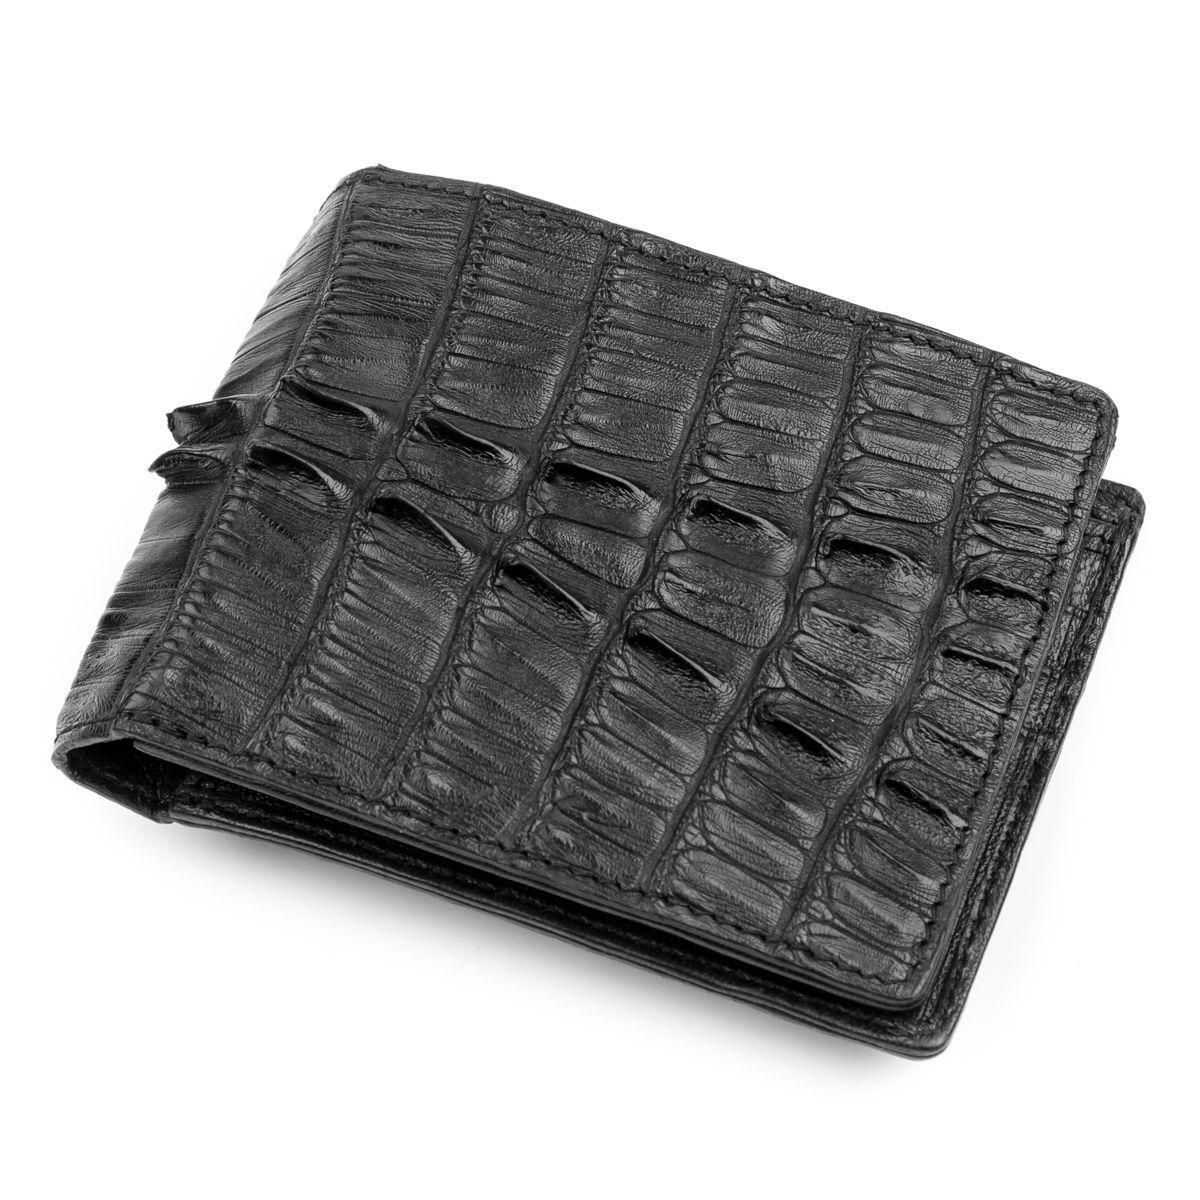 Кошелек Crocodile Leather 18232 Из Натуральной Кожи Крокодила (Каймана) Черный, Черный